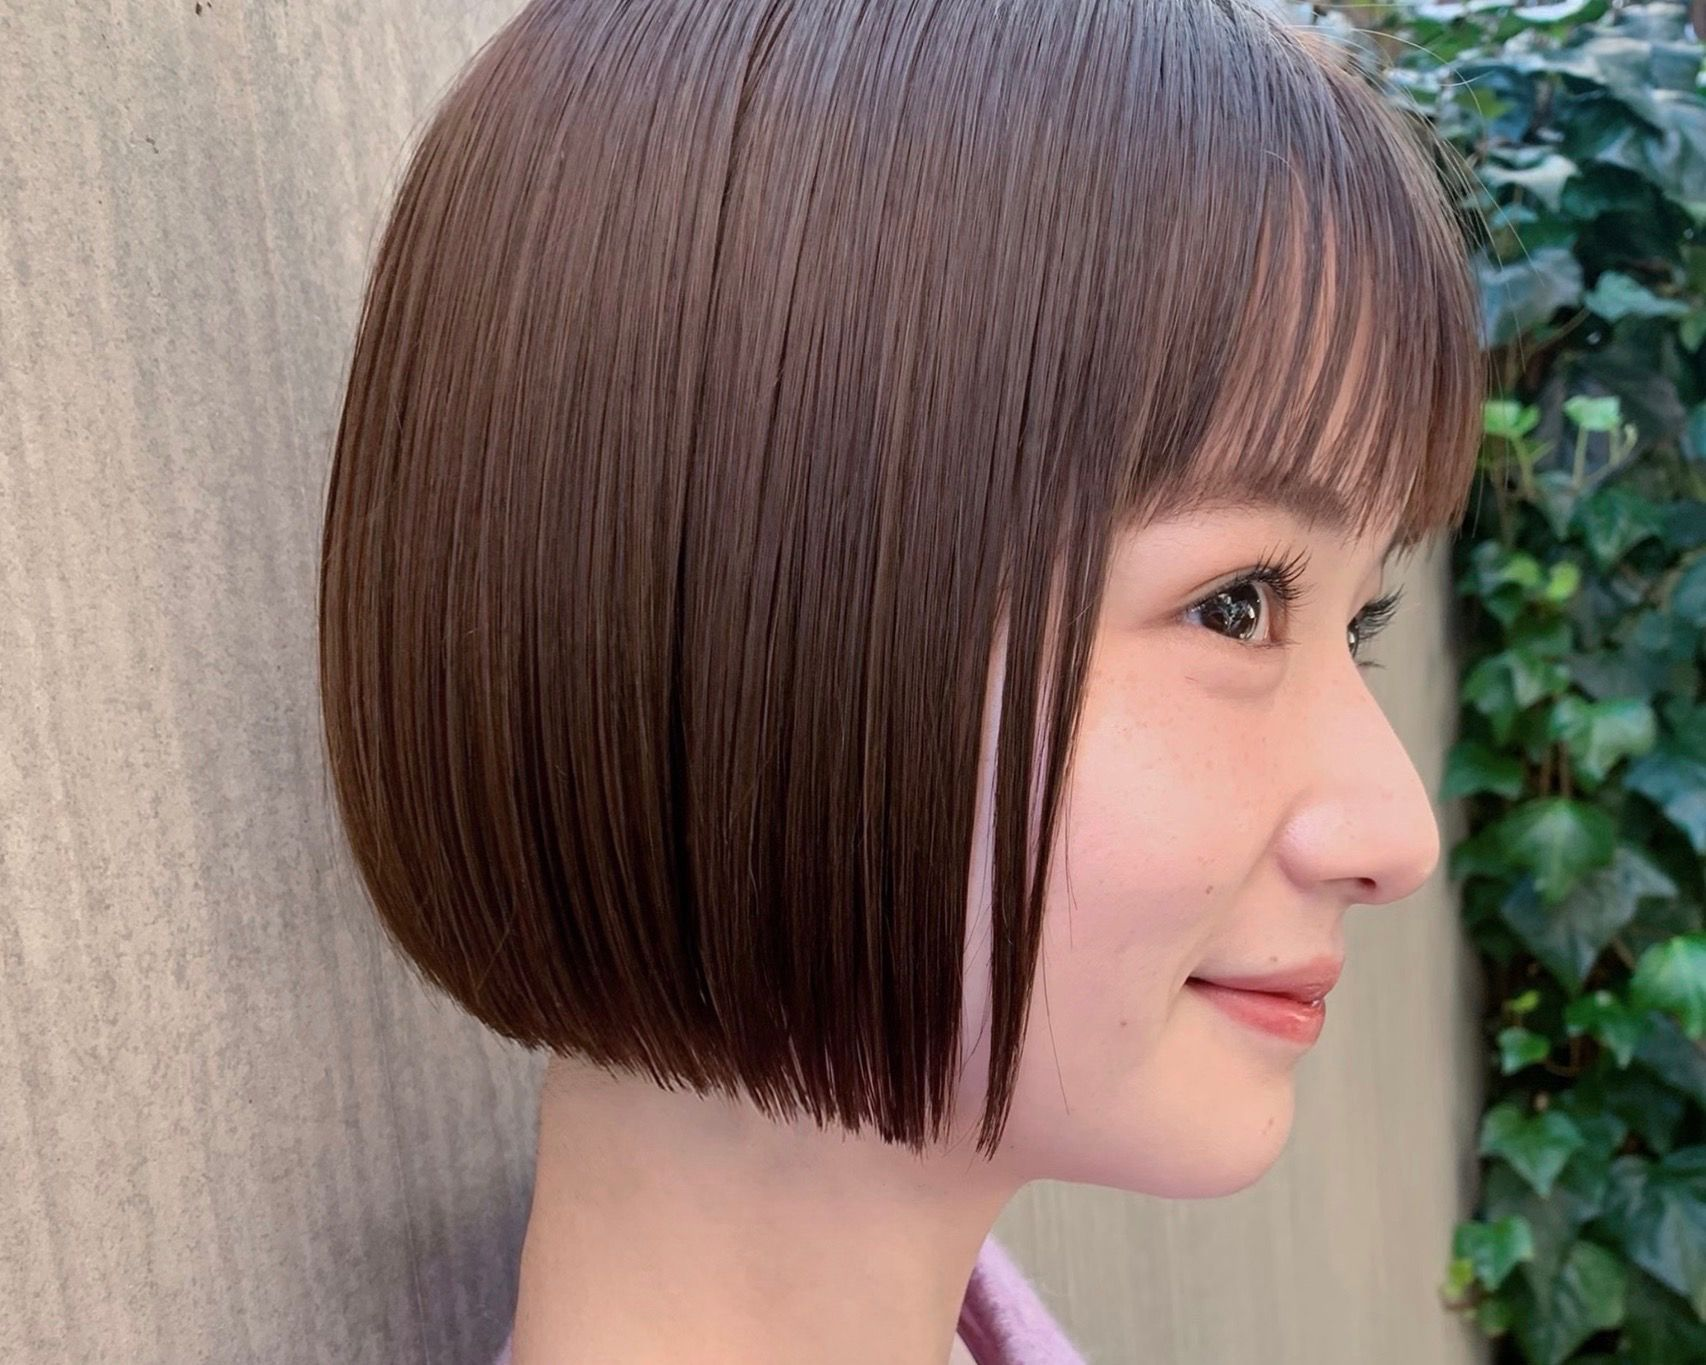 誰でも小顔見えが叶いやすい!? 美容師が注目する「おしゃれミニボブ」3選 | GATTA(ガッタ)